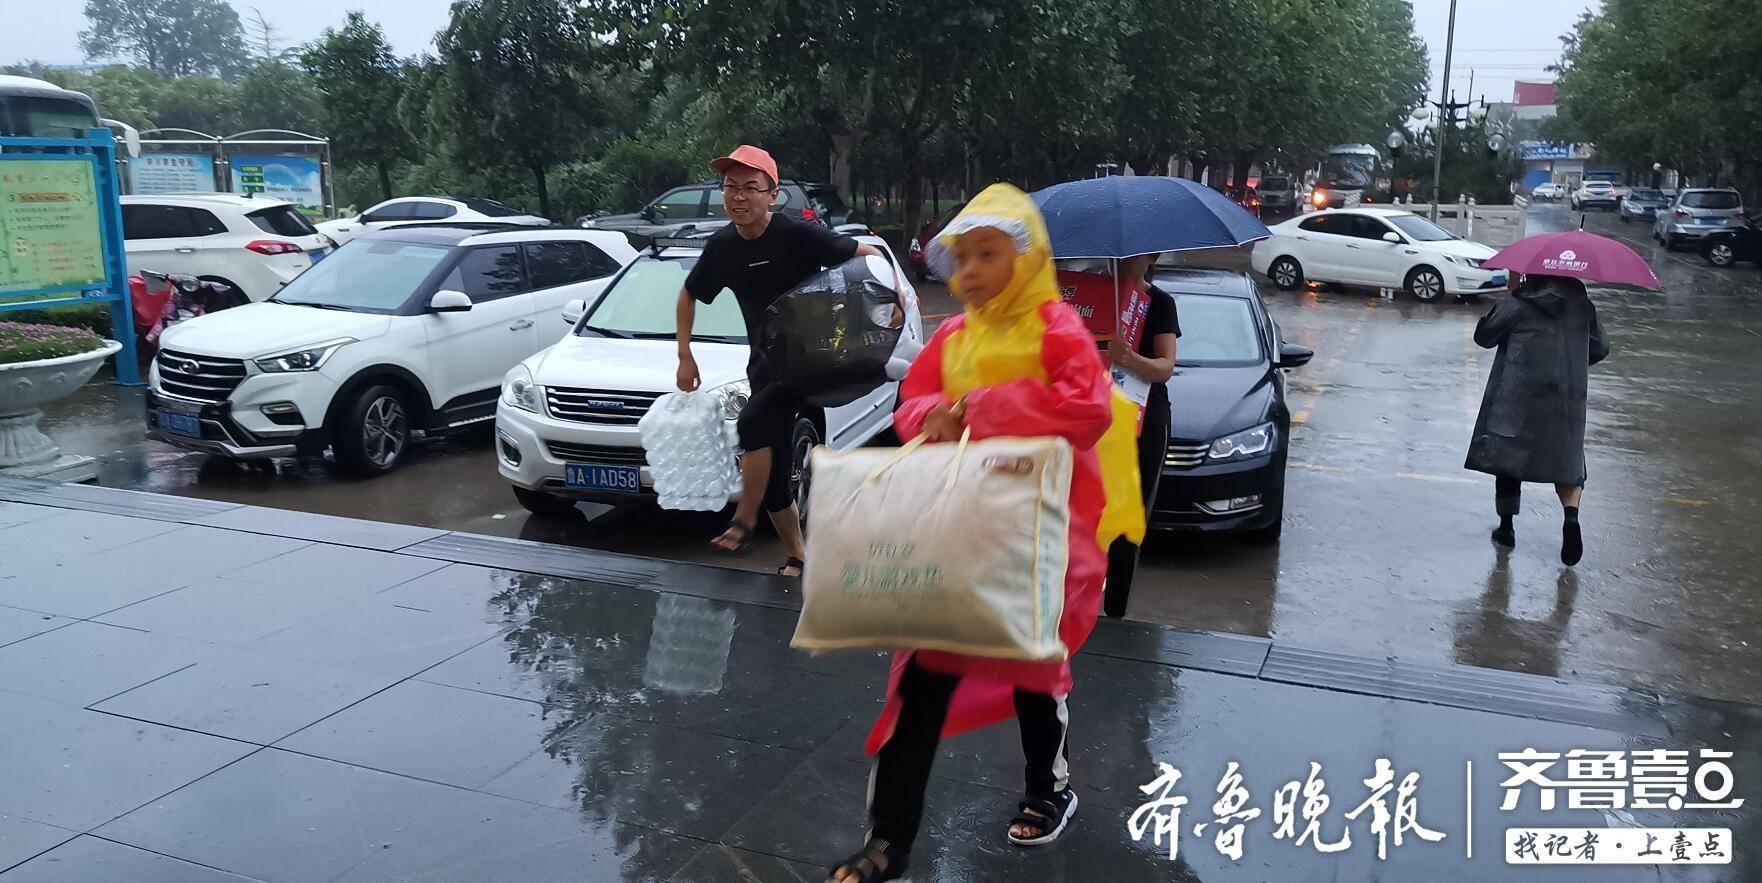 这个小小的身影真暖!风雨中,章丘小男孩为安置点送来衣服和食物